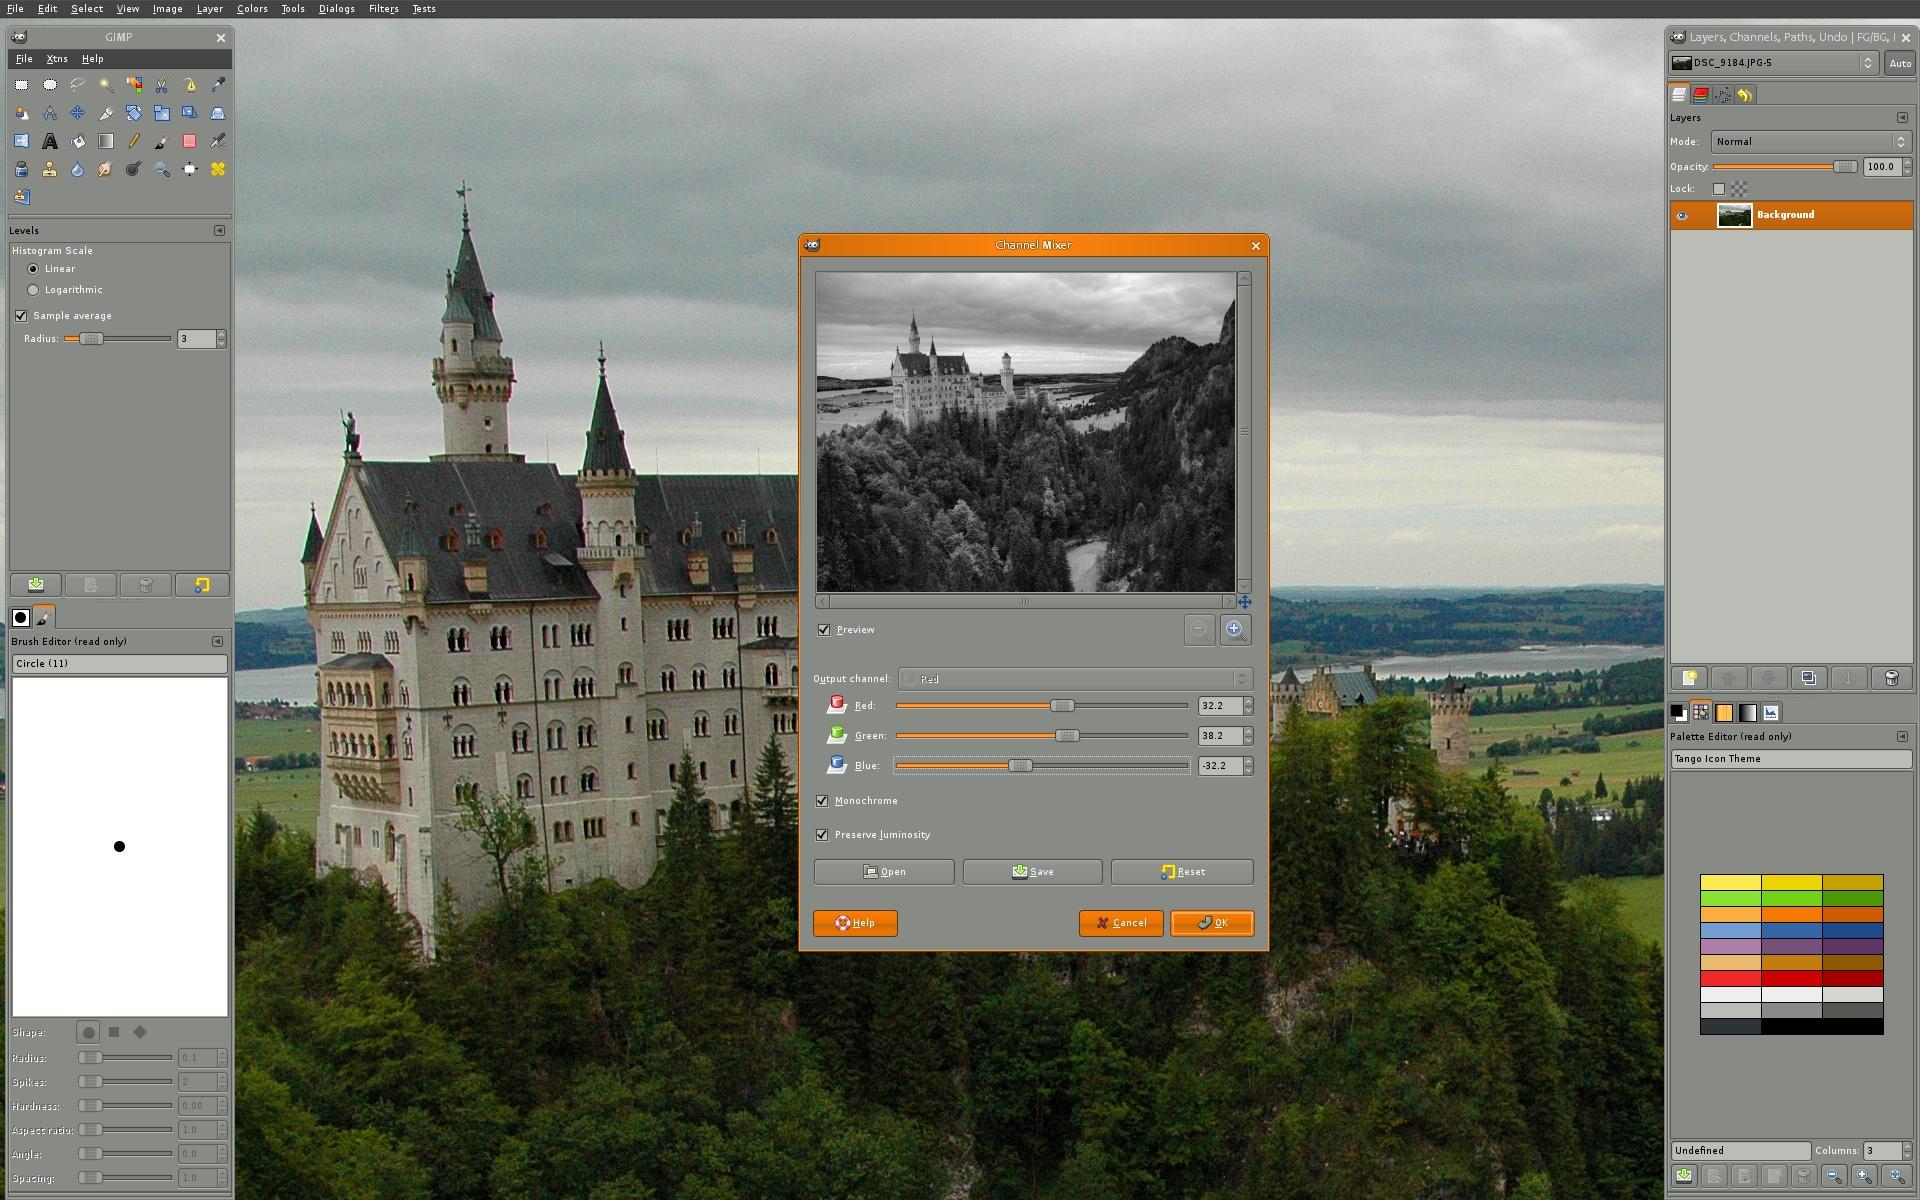 GIMP is the GNU Image Manipulation Program